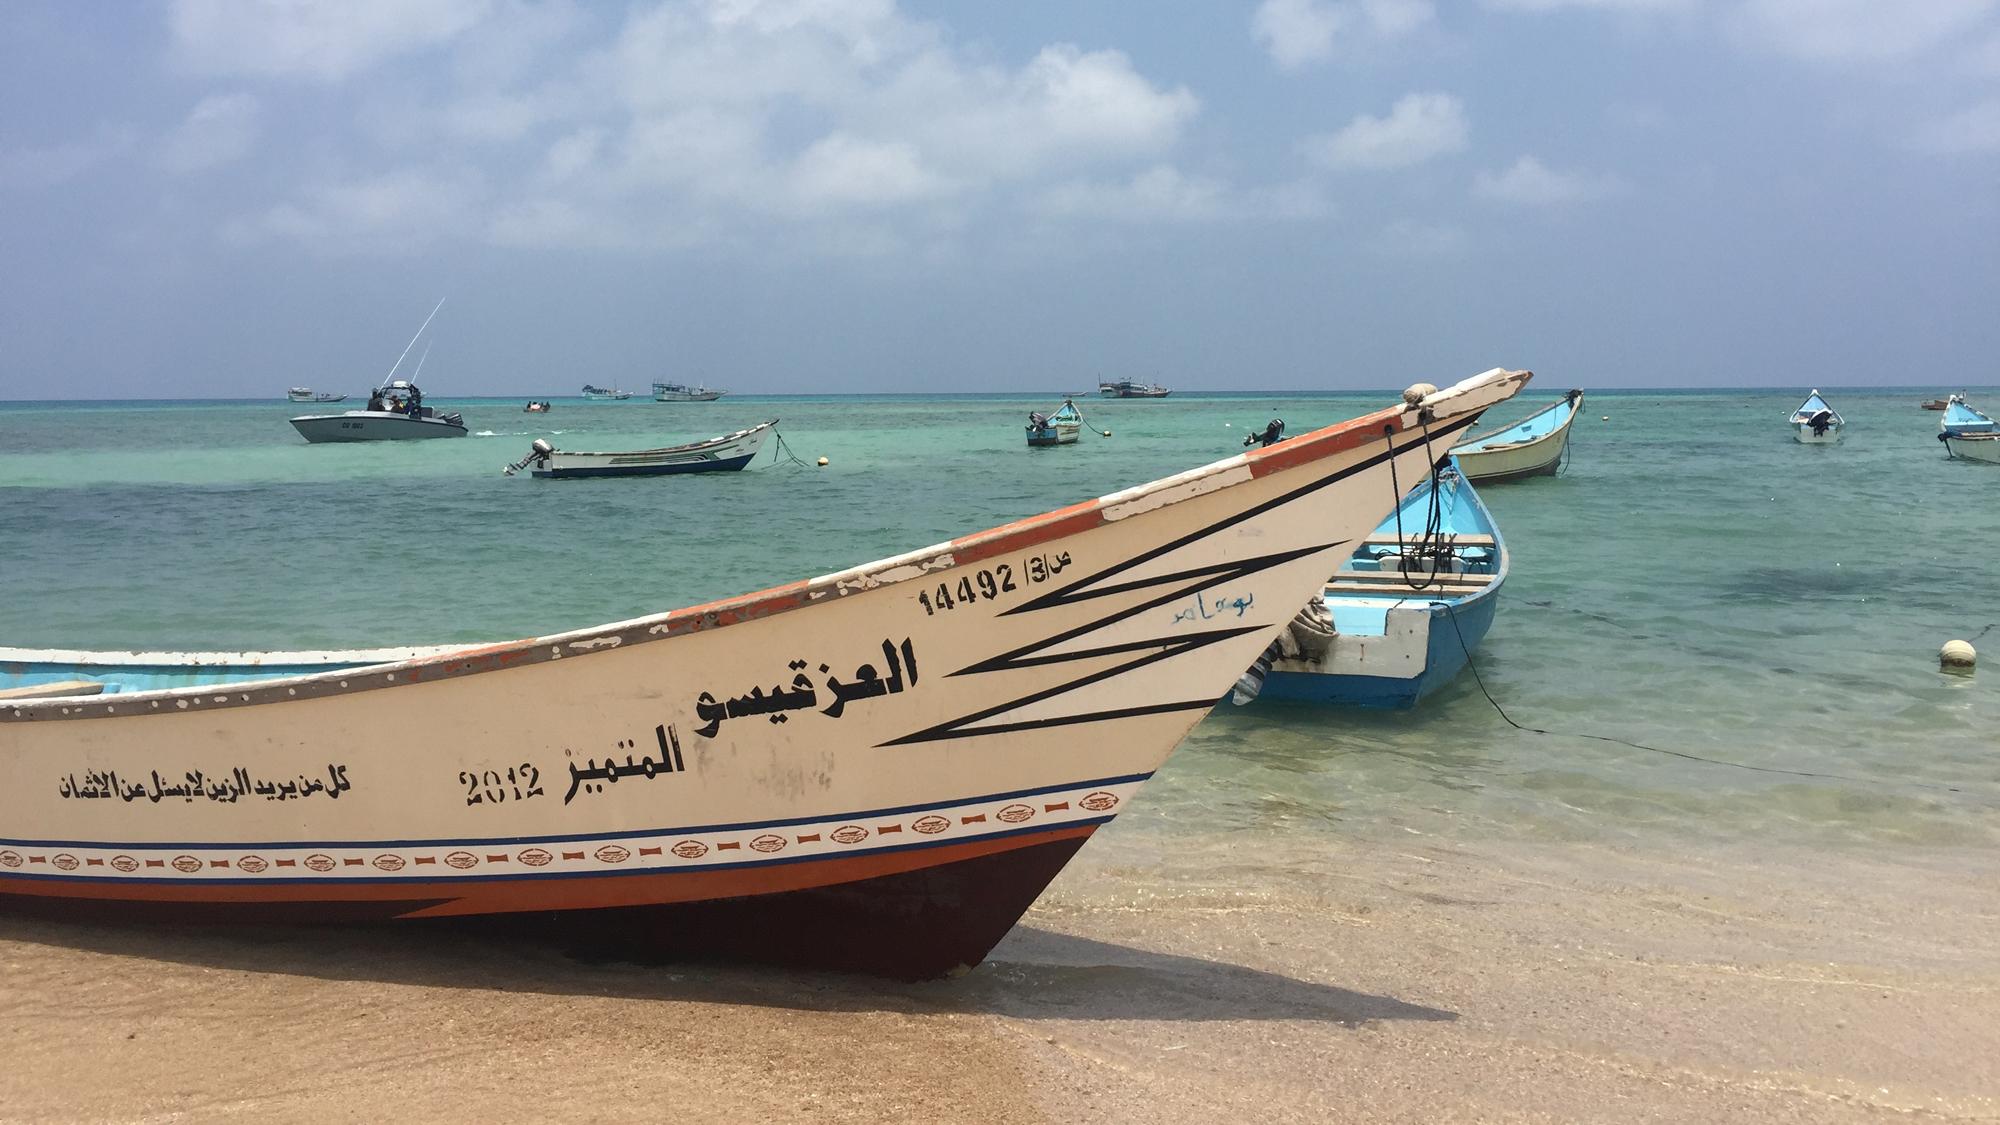 Boats anchored at Qalansiya, Socotra, Yemen